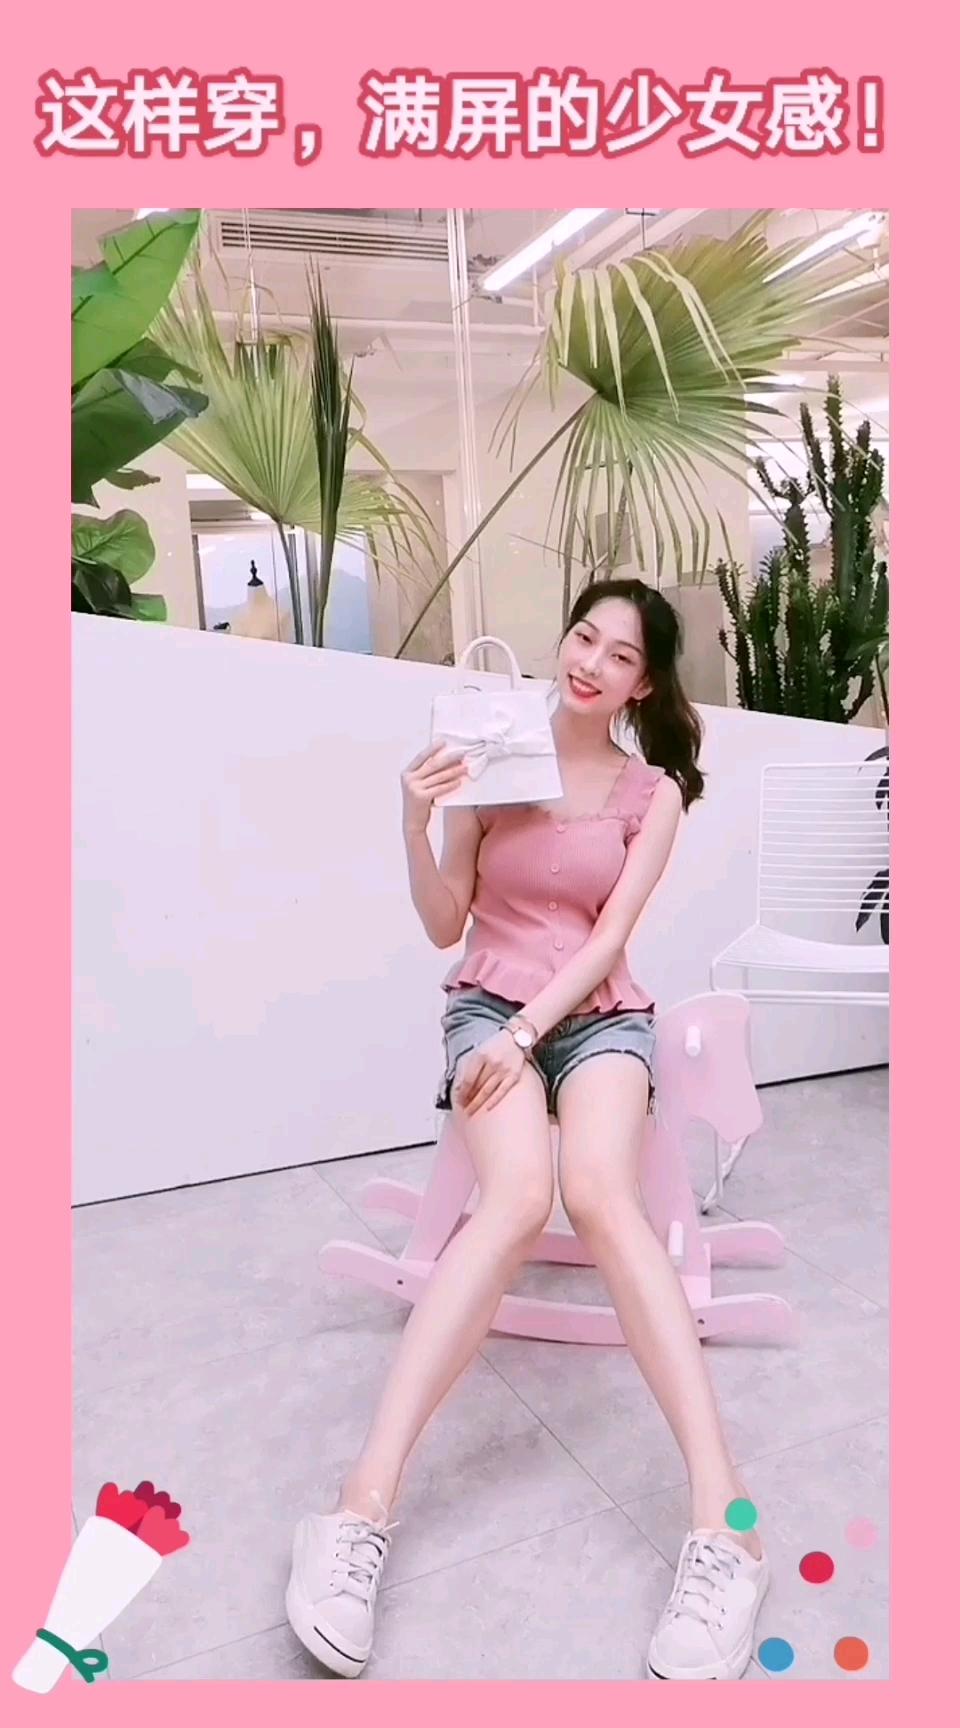 #炎夏只想躲进清凉衣服里!# 少女感满满的粉色吊带 上身很舒服  搭配牛仔短裤  活脱脱一个元气美少女!